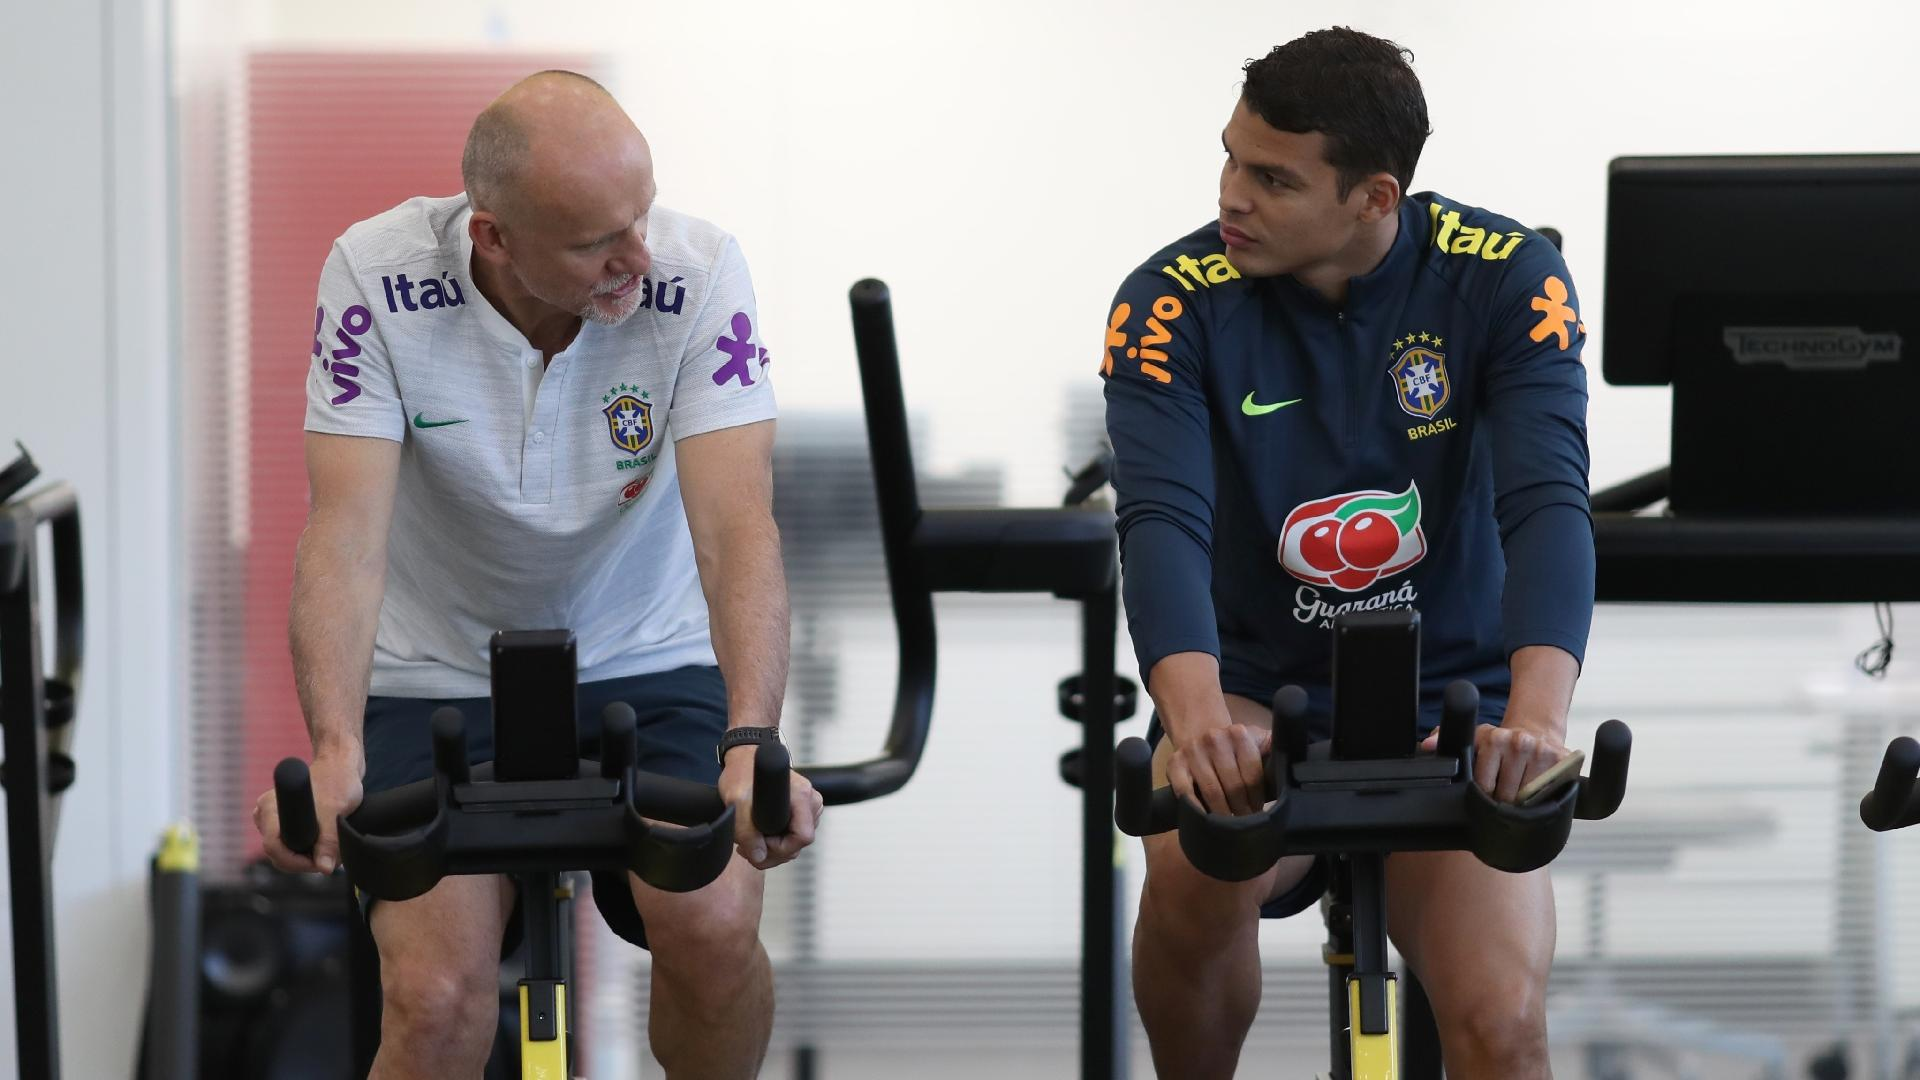 Thiago Silva faz atividade física junto com Taffarel, preparador de goleiros da seleção brasileira